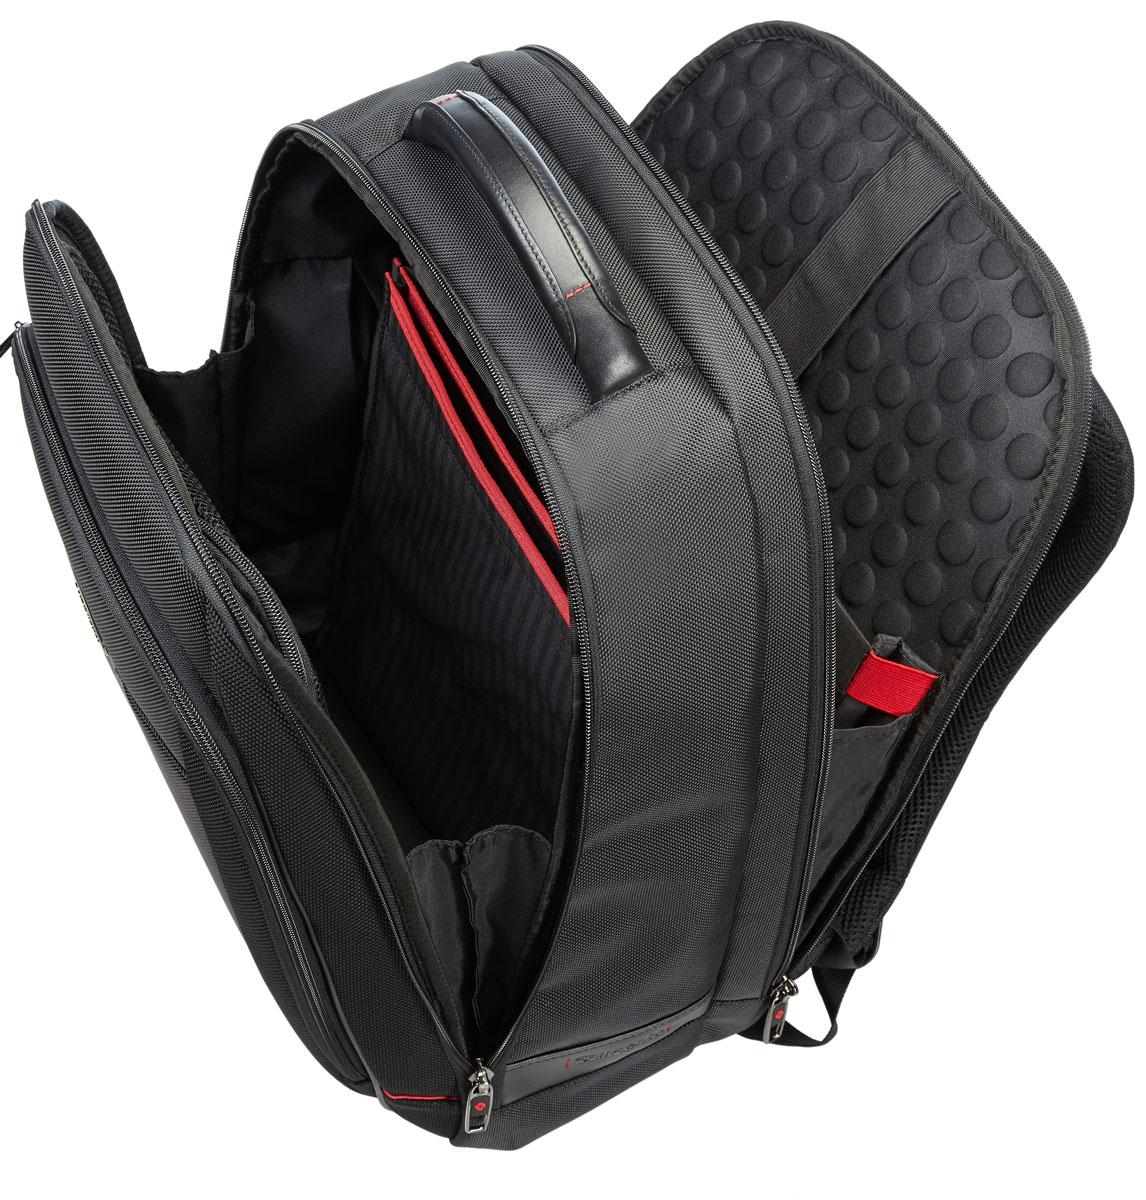 Рюкзак для ноутбука Samsonite, цвет: черный, 26,5 л, 38 х 19 х 48 см35V*09007Армированный нейлон из натуральной кожи наппа,специальные смягчённые отделения для ноутбука и планшета